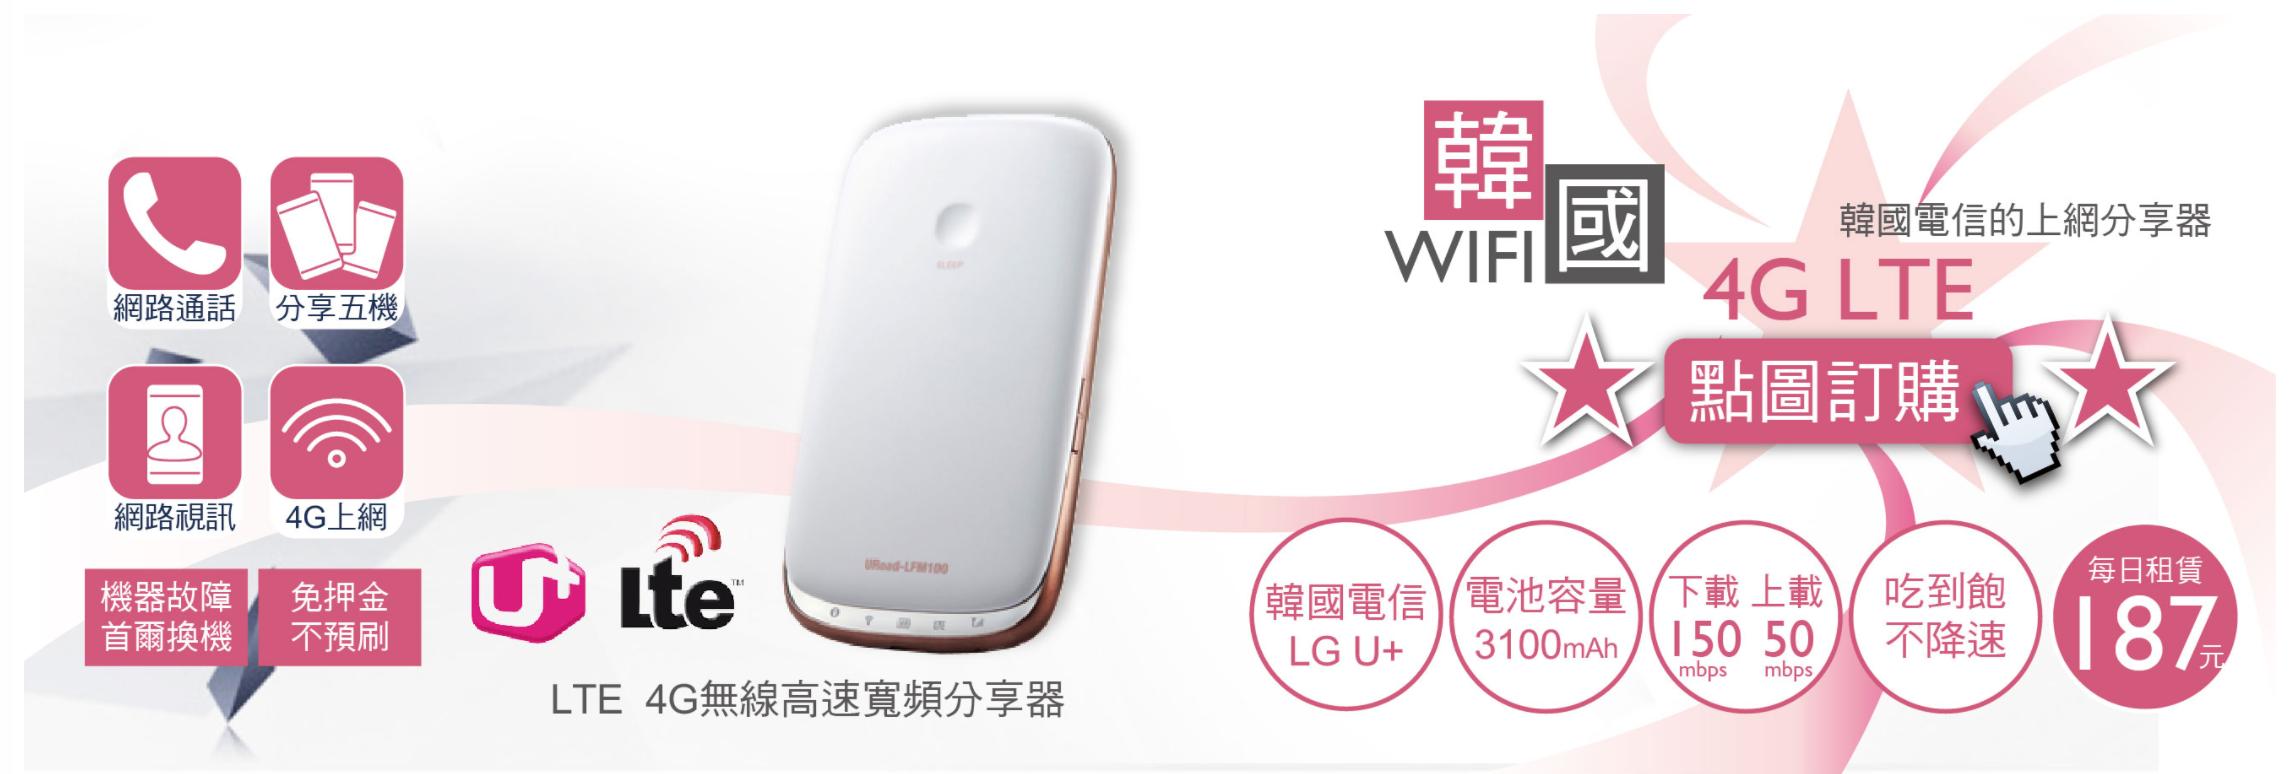 韓國wifi分享器推薦 虎奕網4G網路分享器 吃到飽不限速